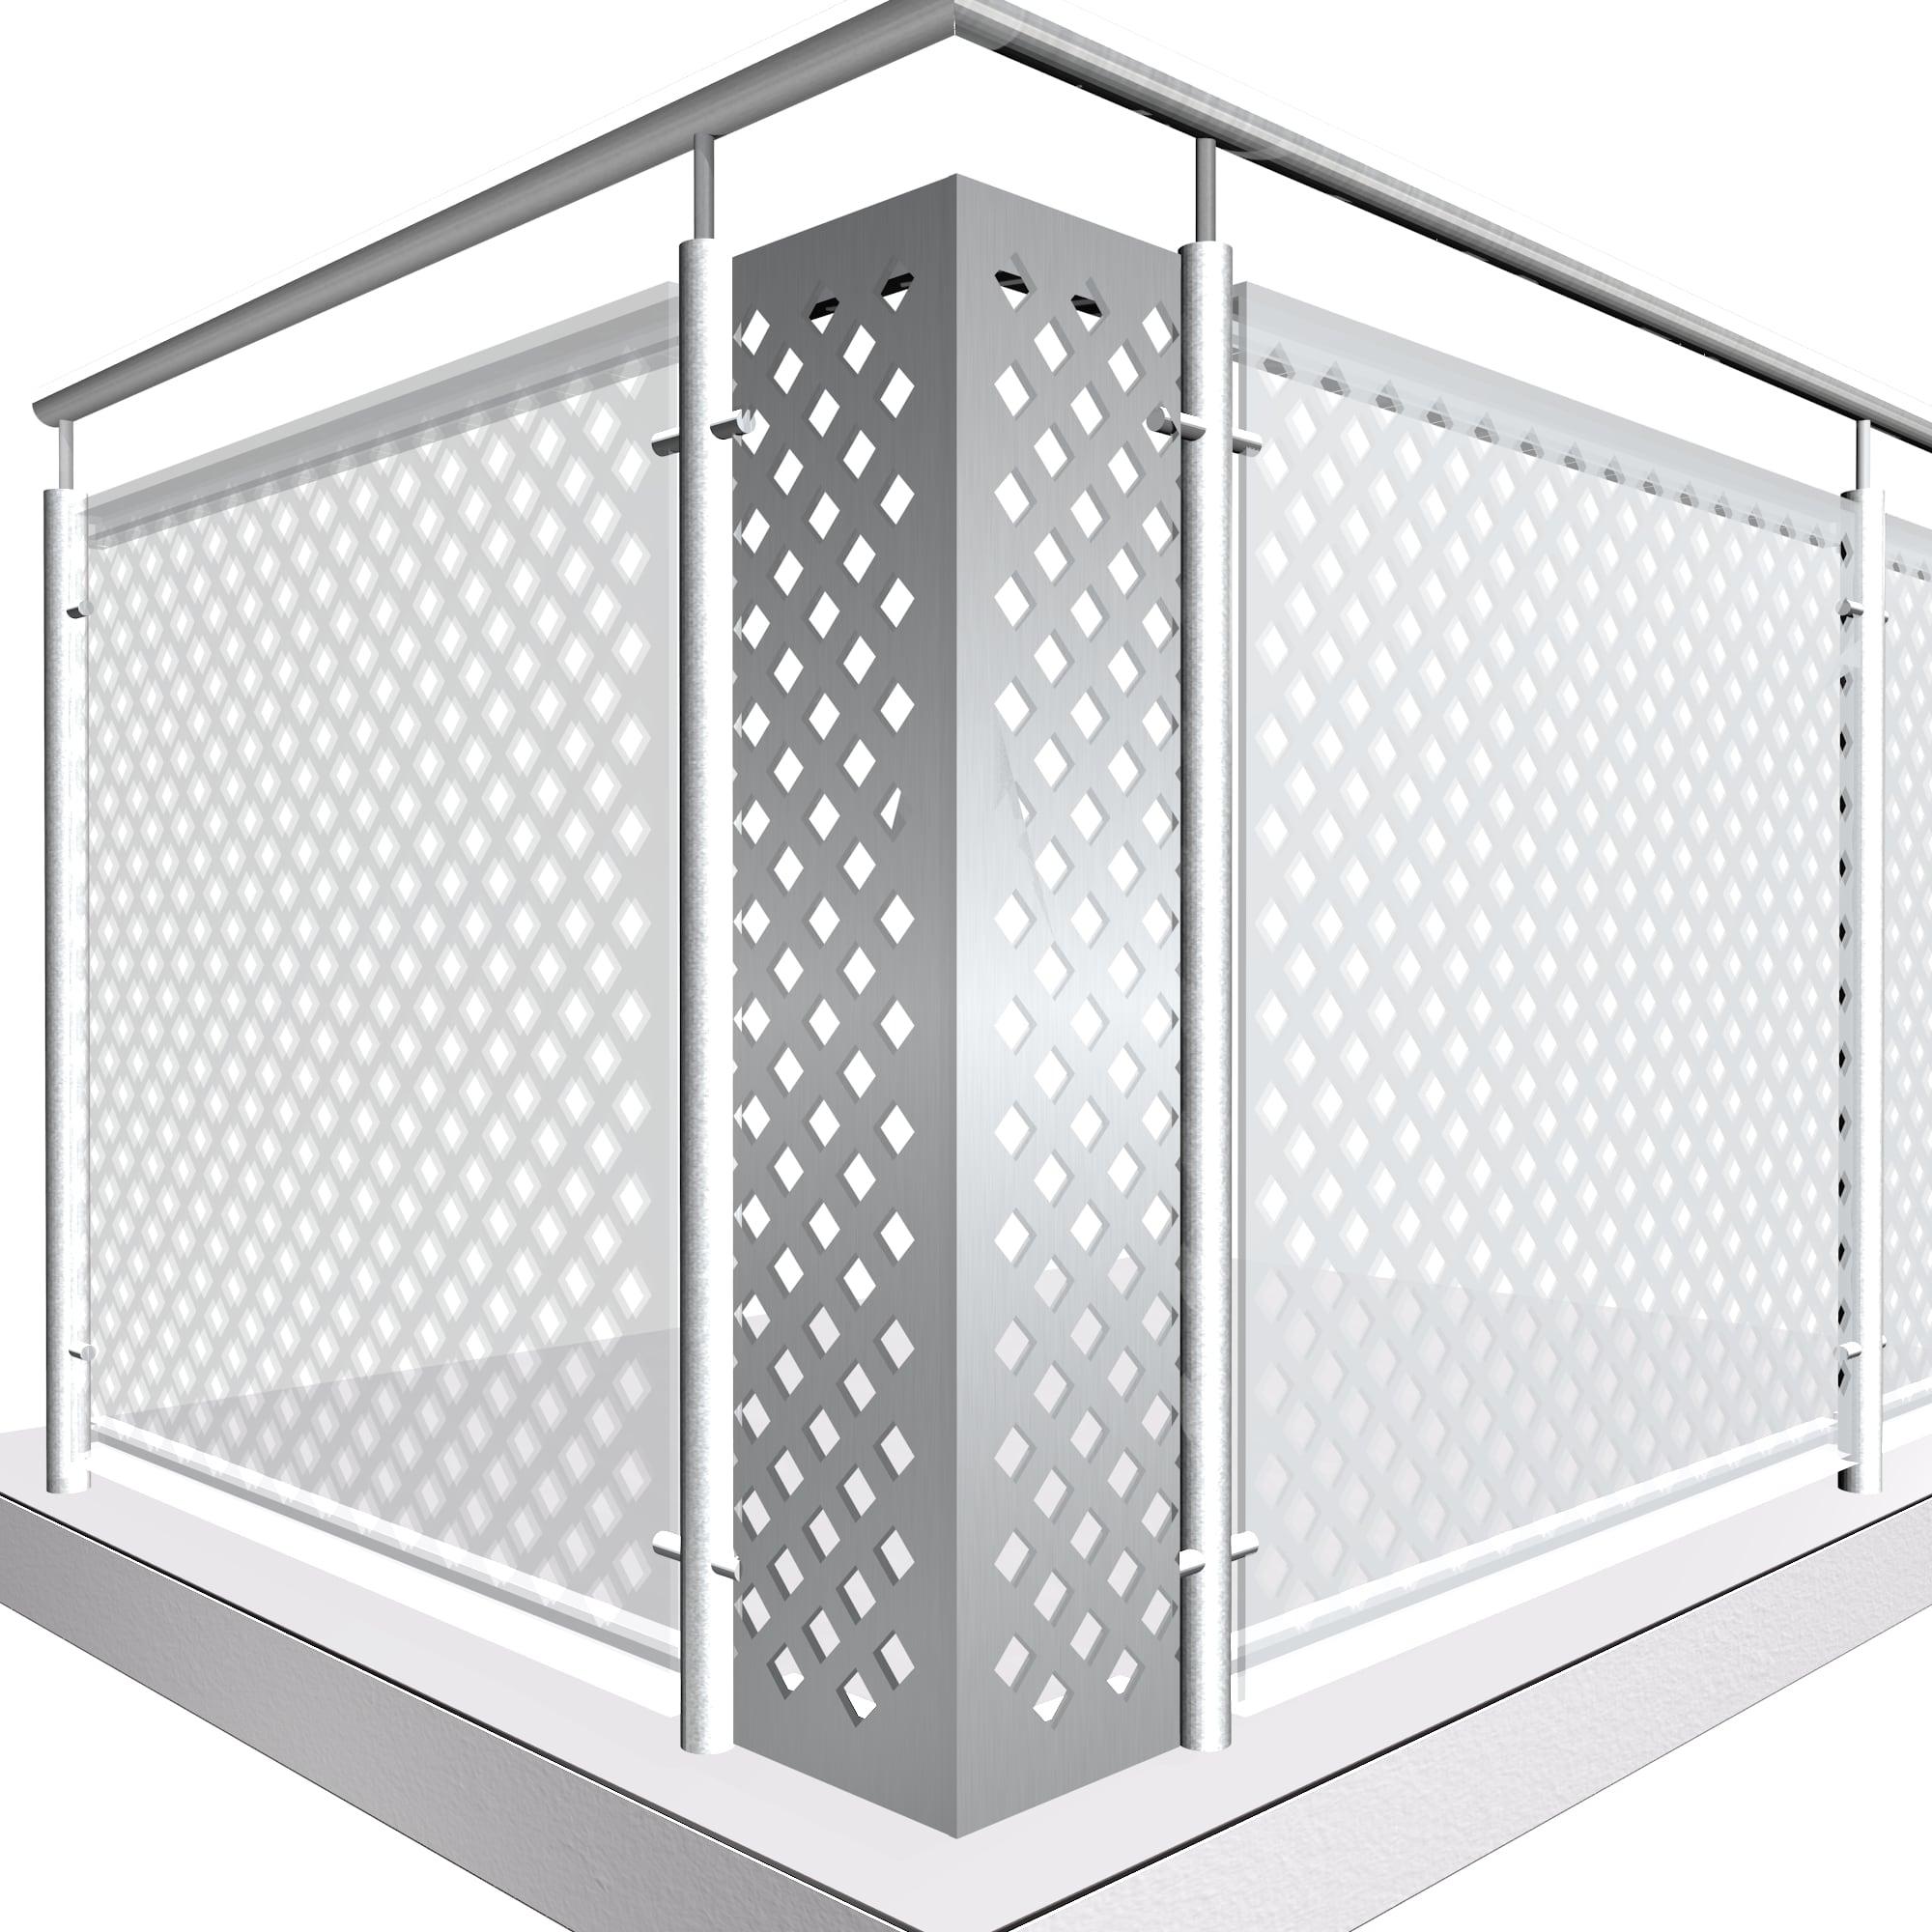 Eckelement Aluminium QL DI VE